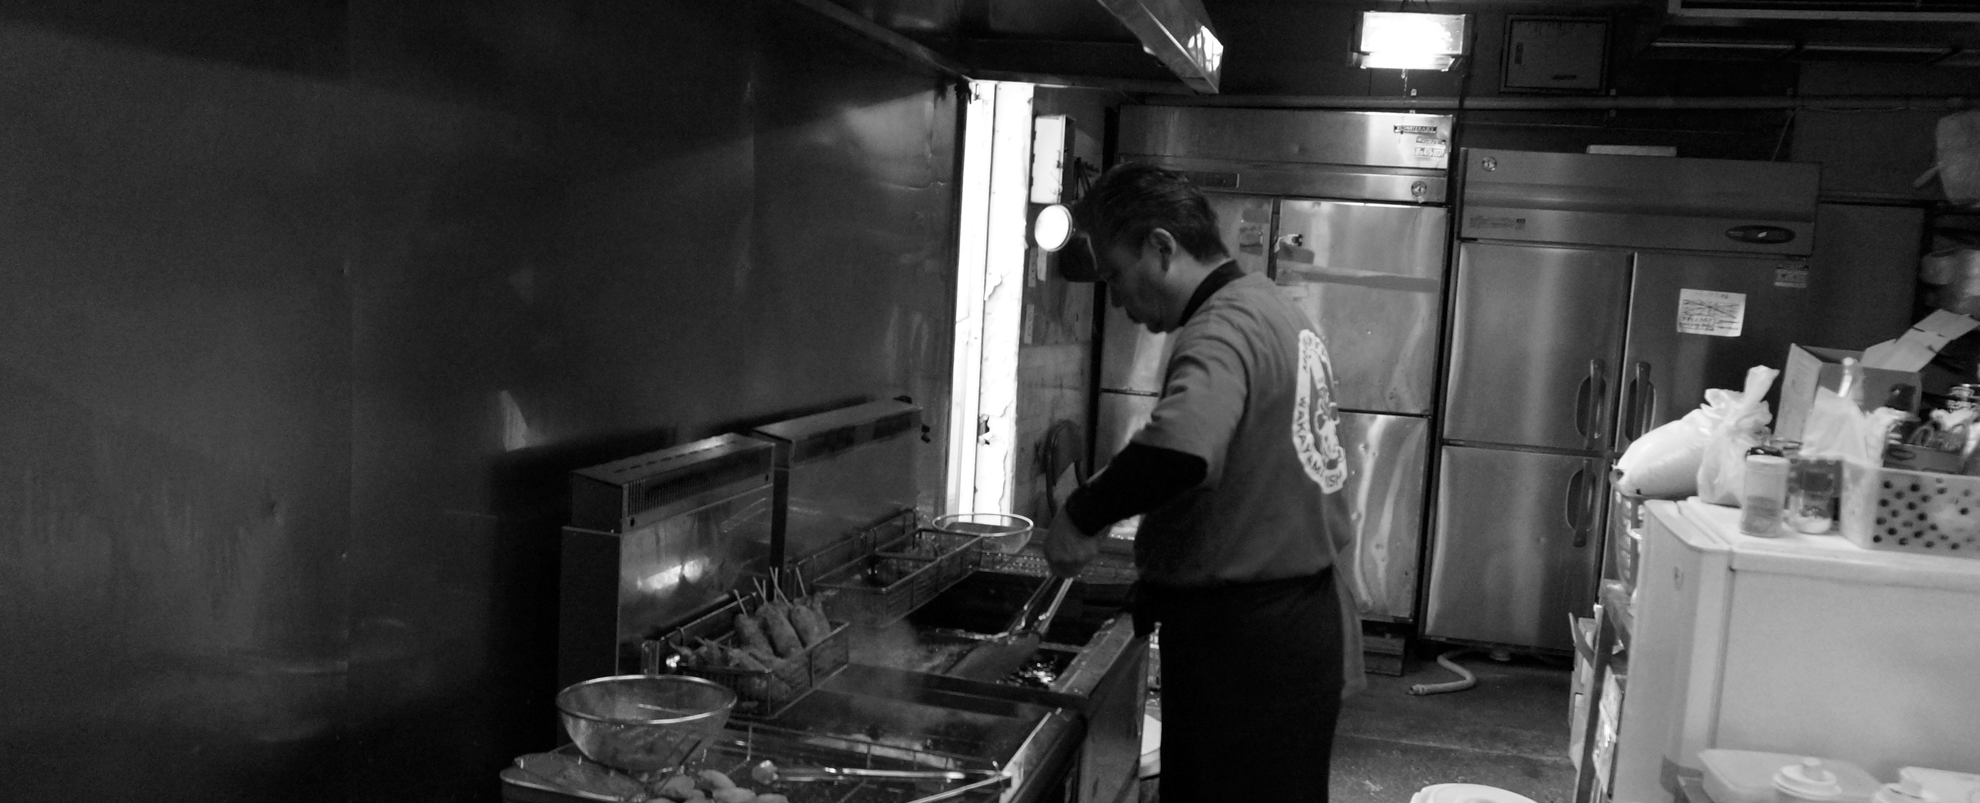 まんぷく亭の店主がこだわりのからあげを調理している